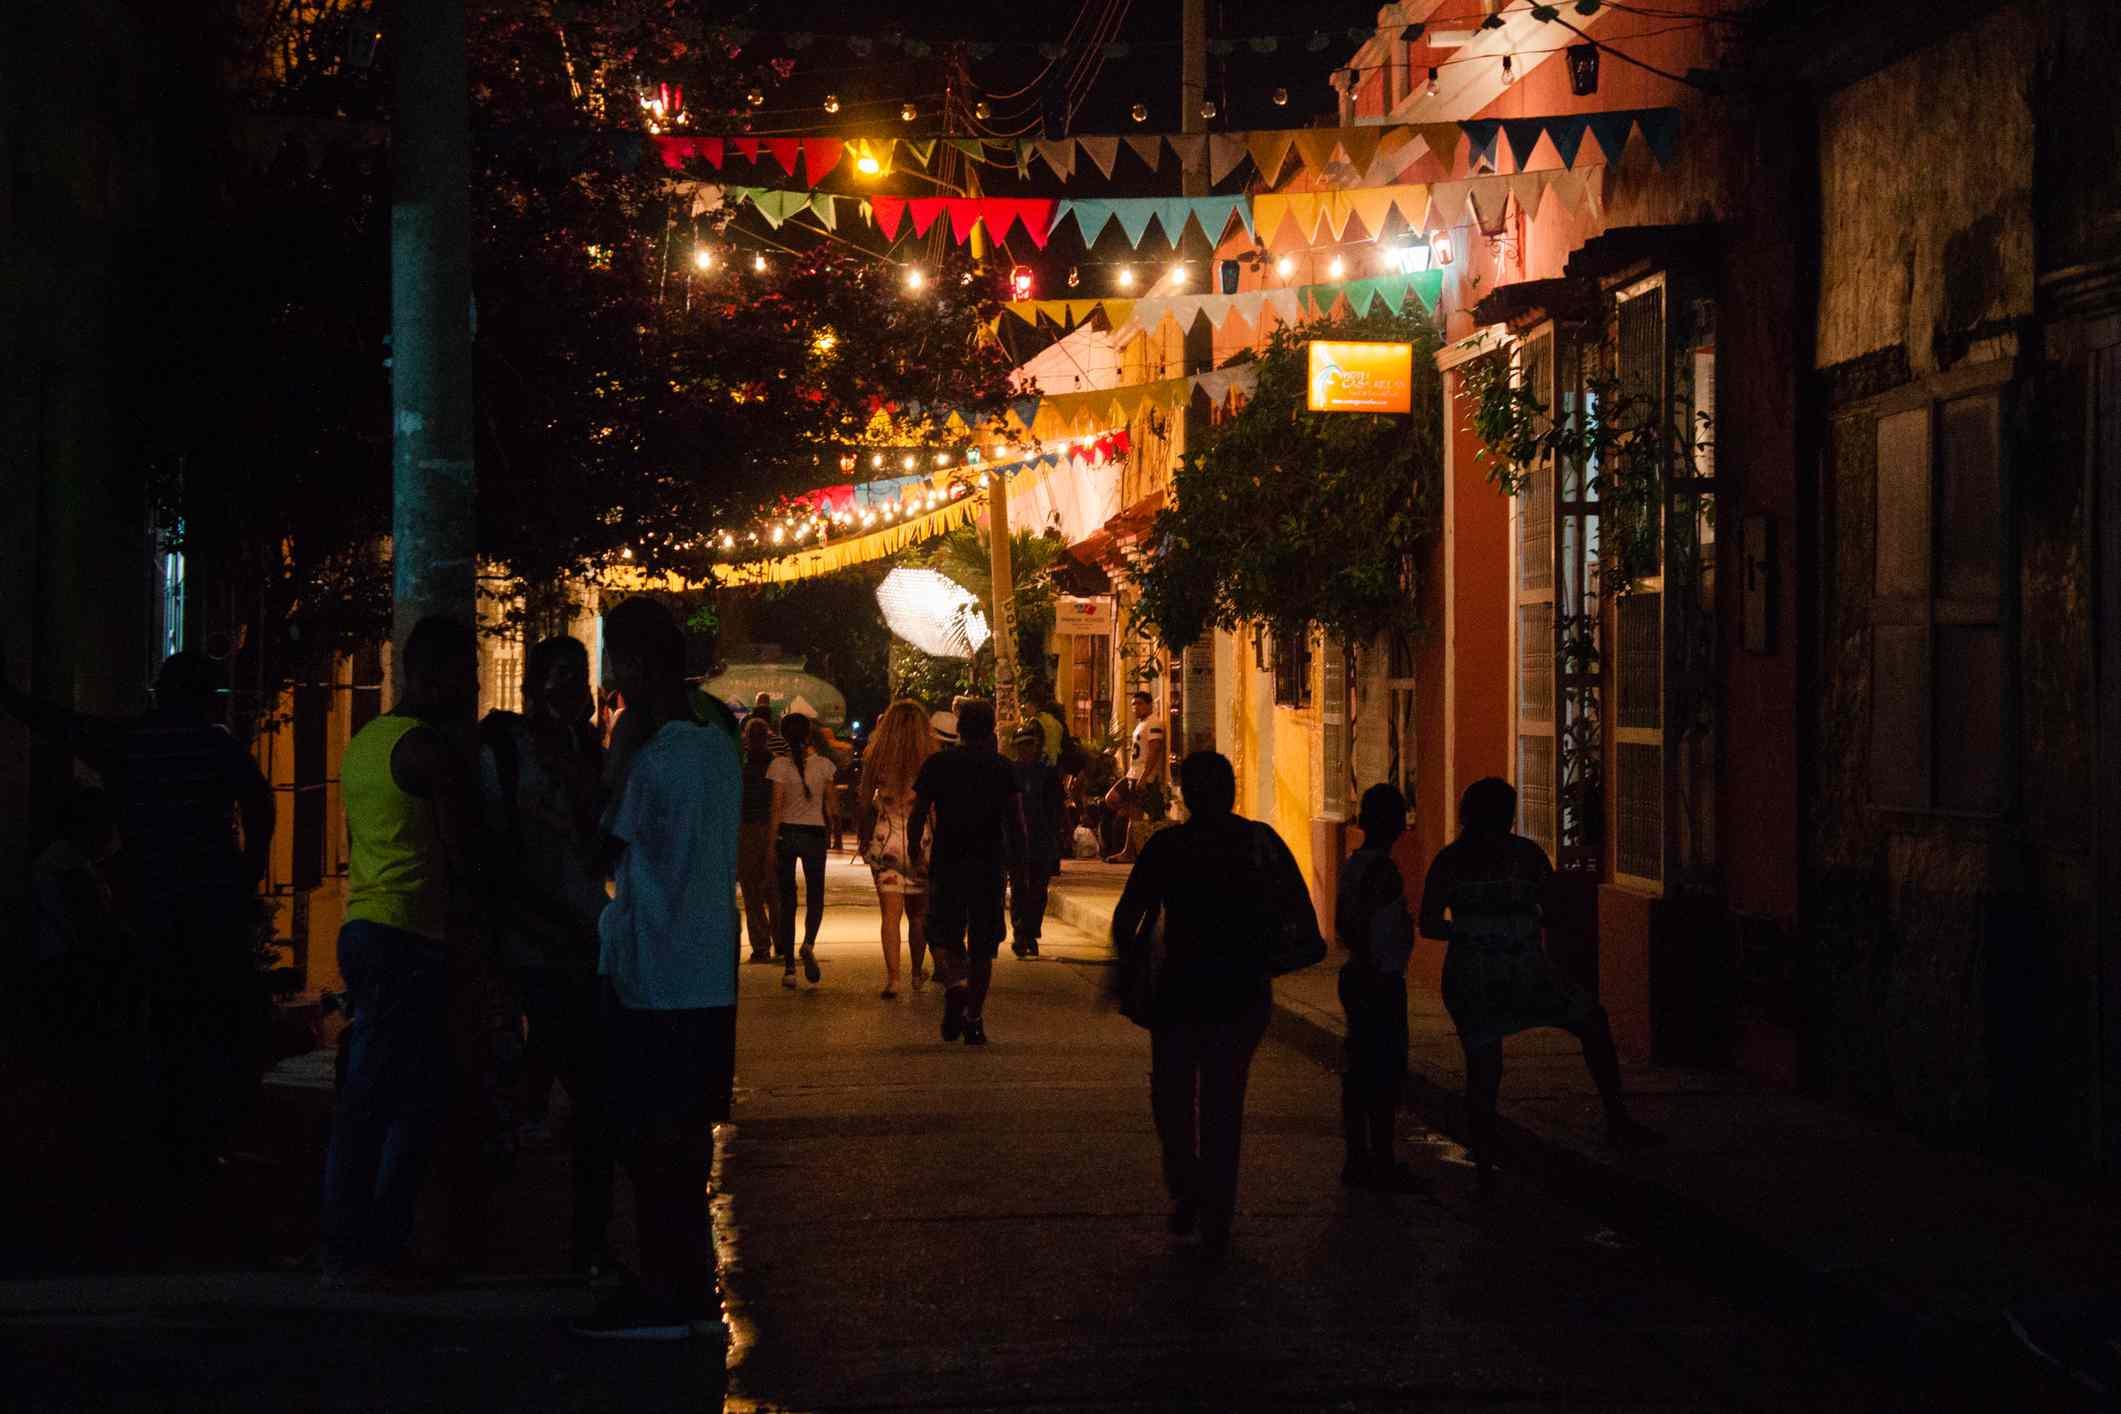 People Walking On Illuminated Street At Night in Cartagena